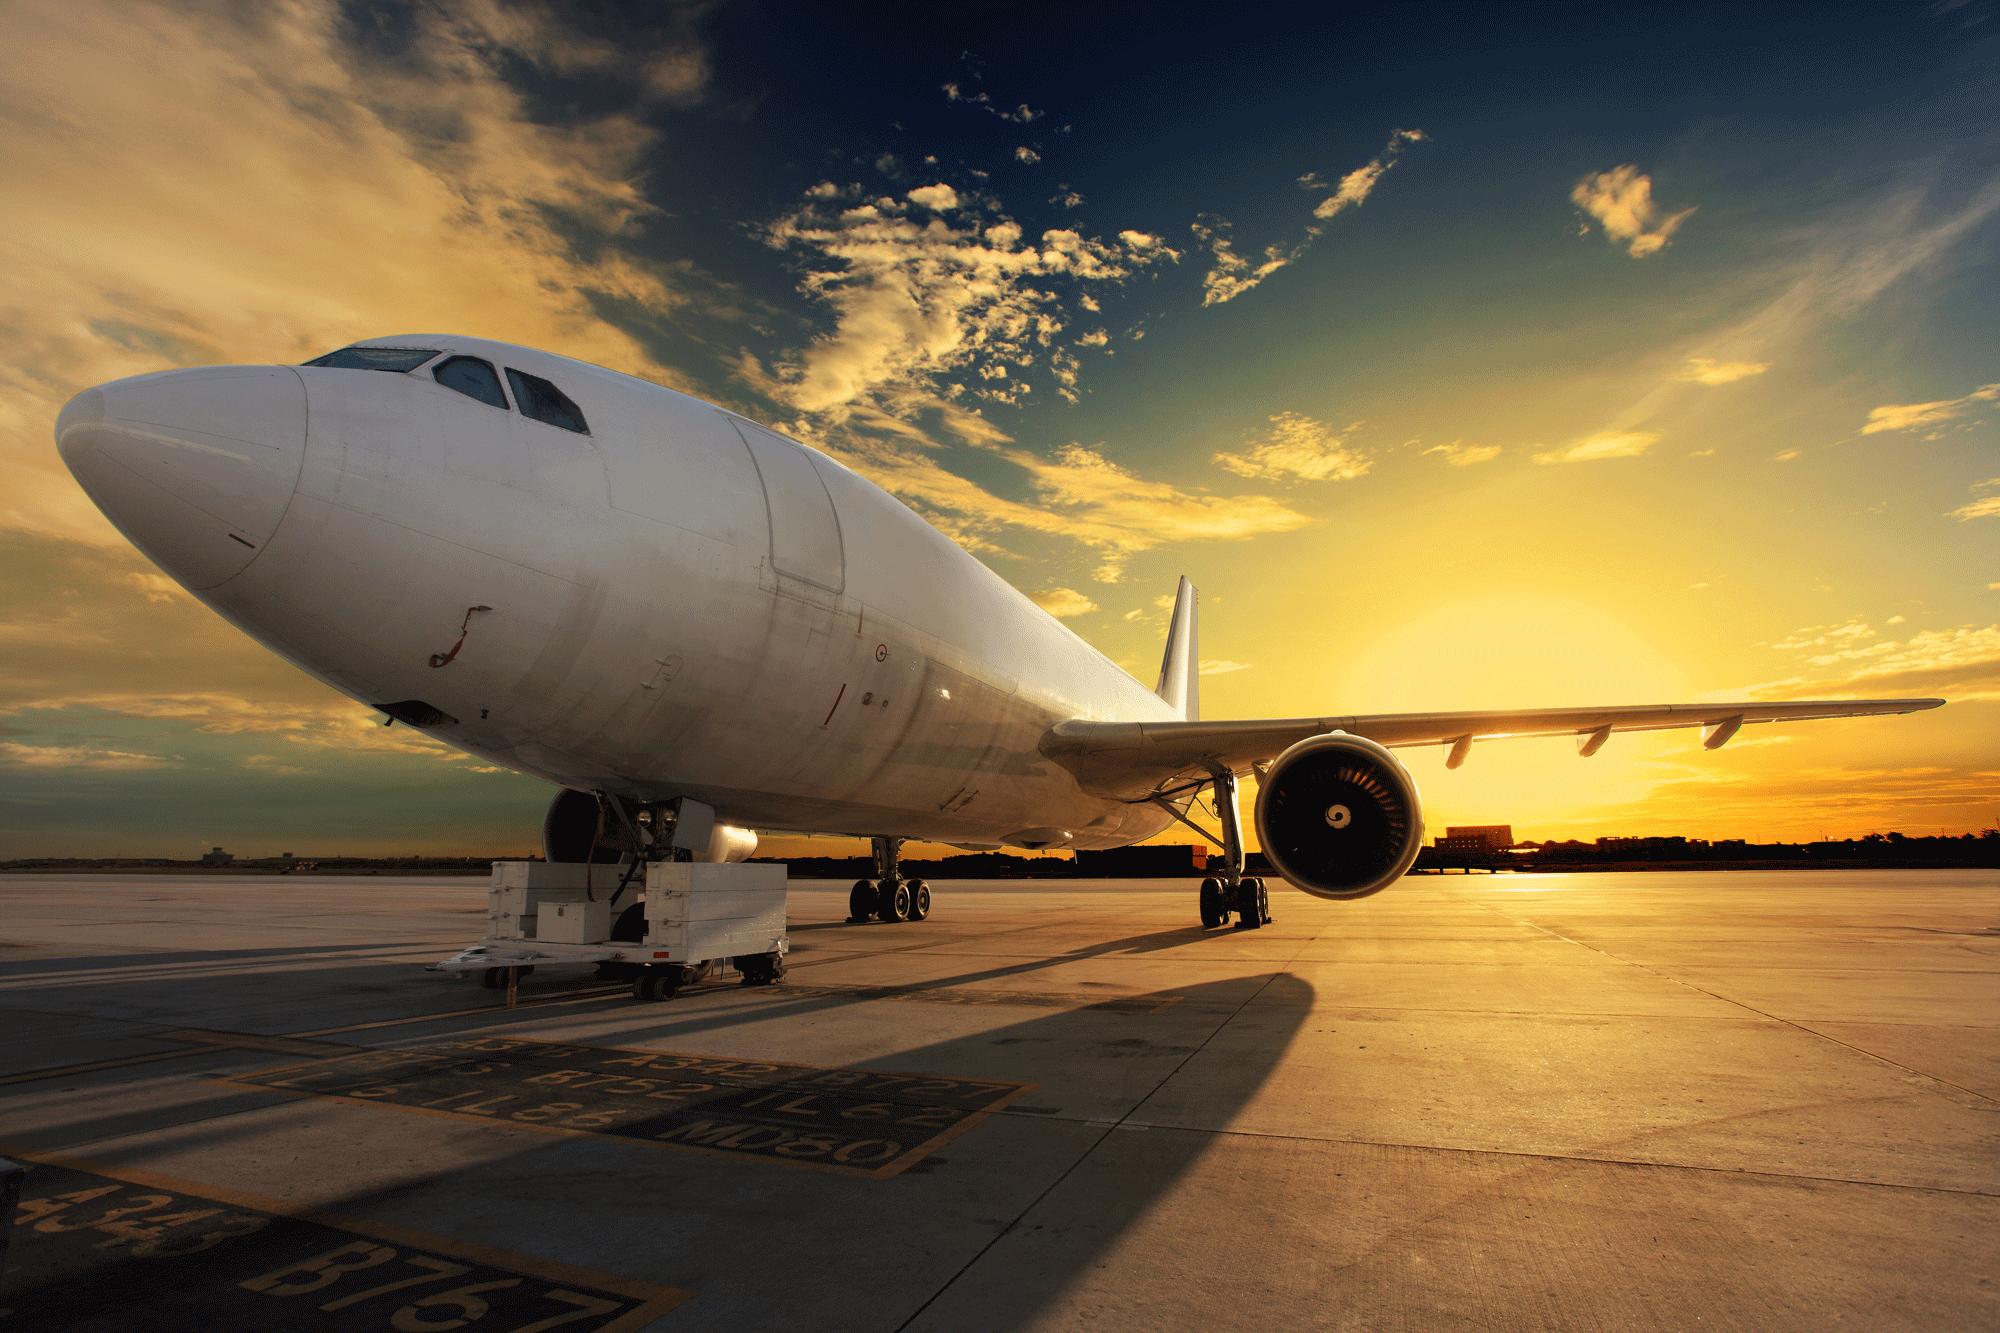 قرارداد خرید هواپیما